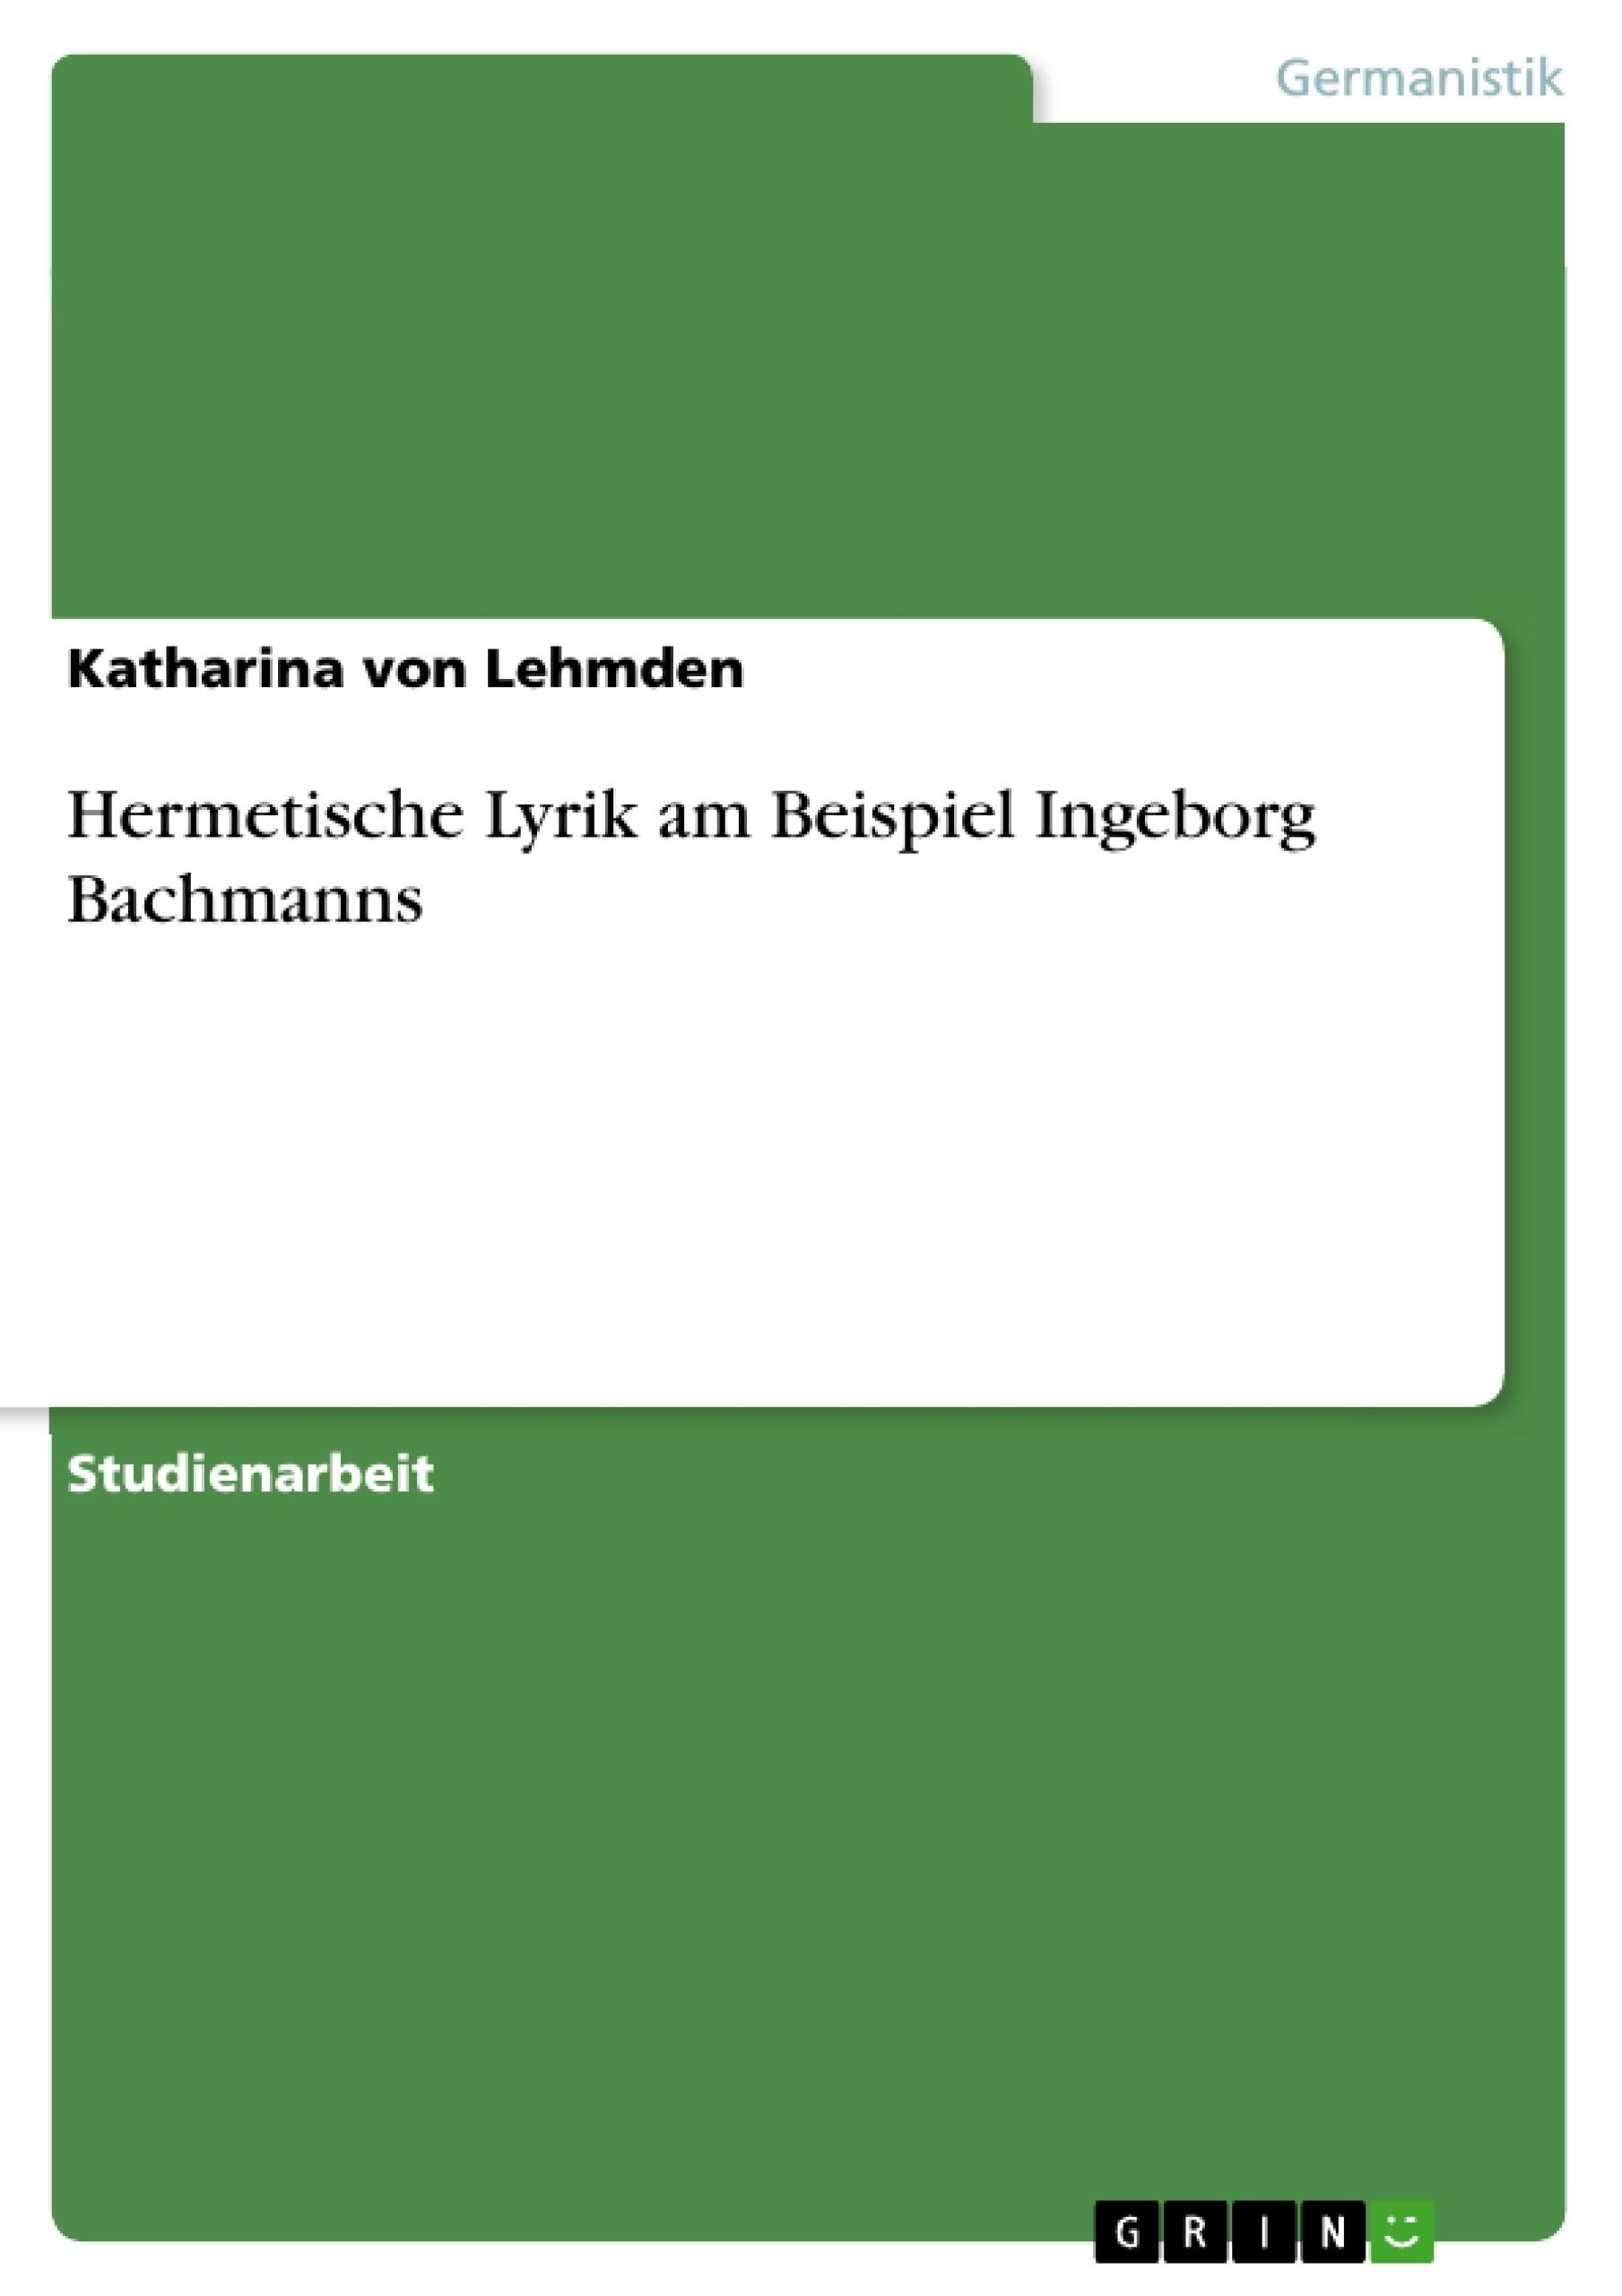 Titel: Hermetische Lyrik am Beispiel Ingeborg Bachmanns